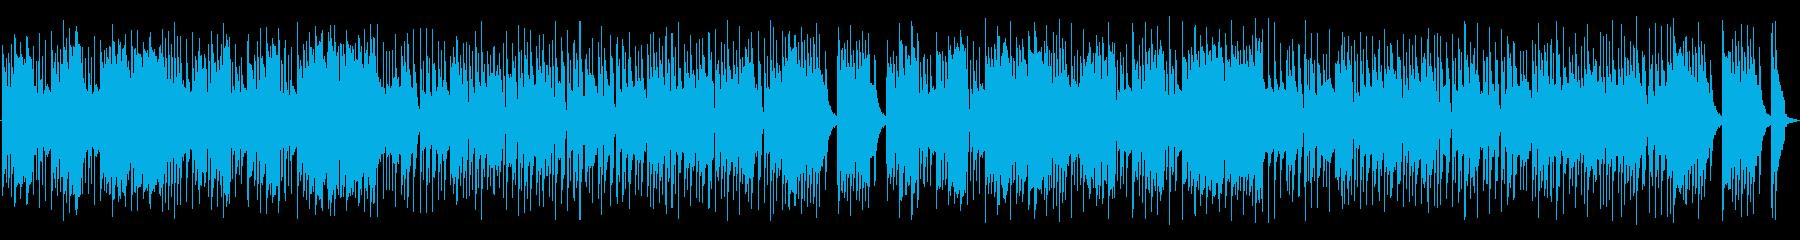 焦燥感のあるストリングスと木琴の曲の再生済みの波形